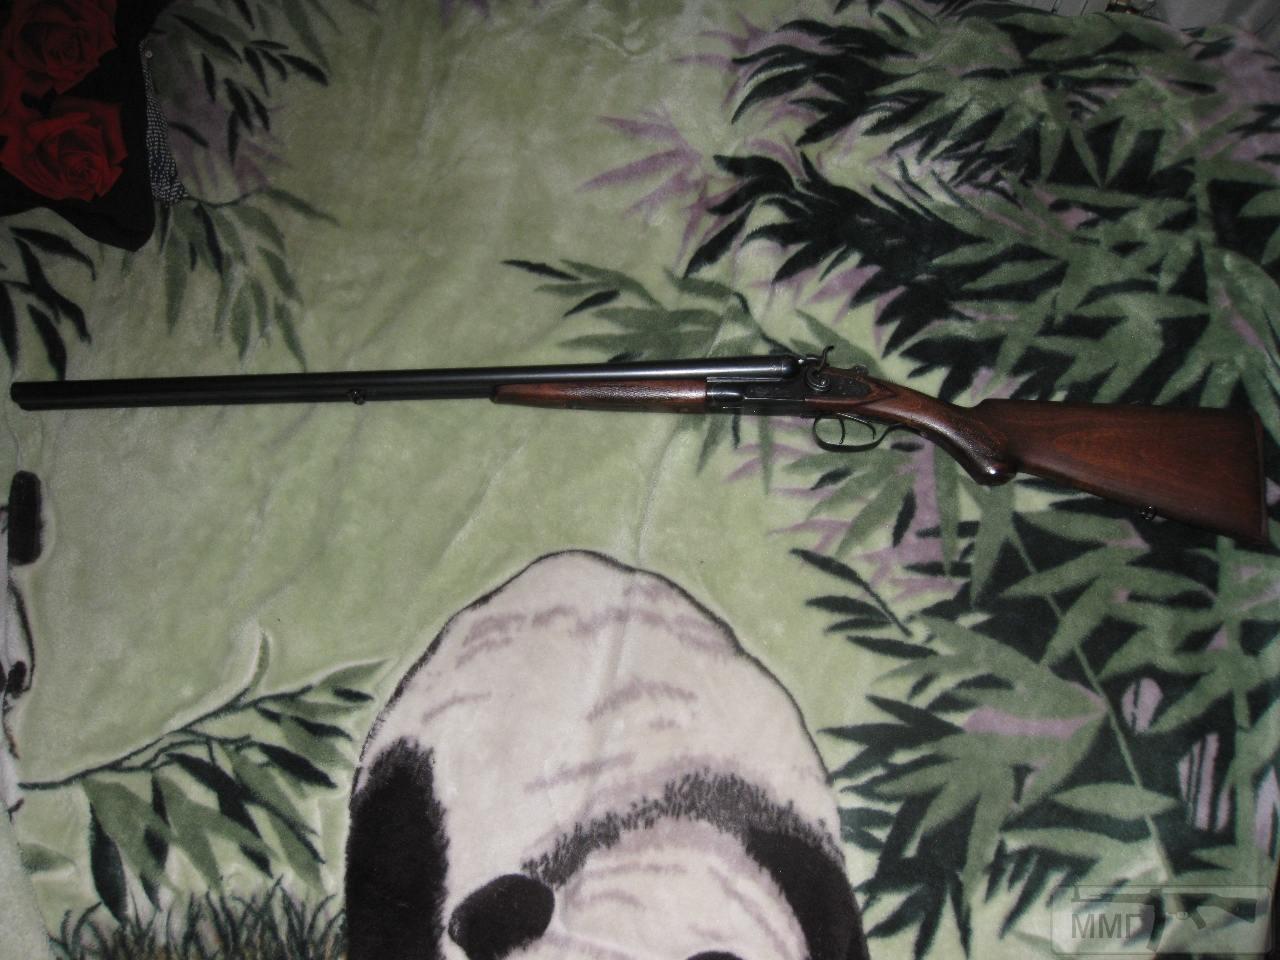 18401 - Охотничье ружьё  ТОЗ-63.